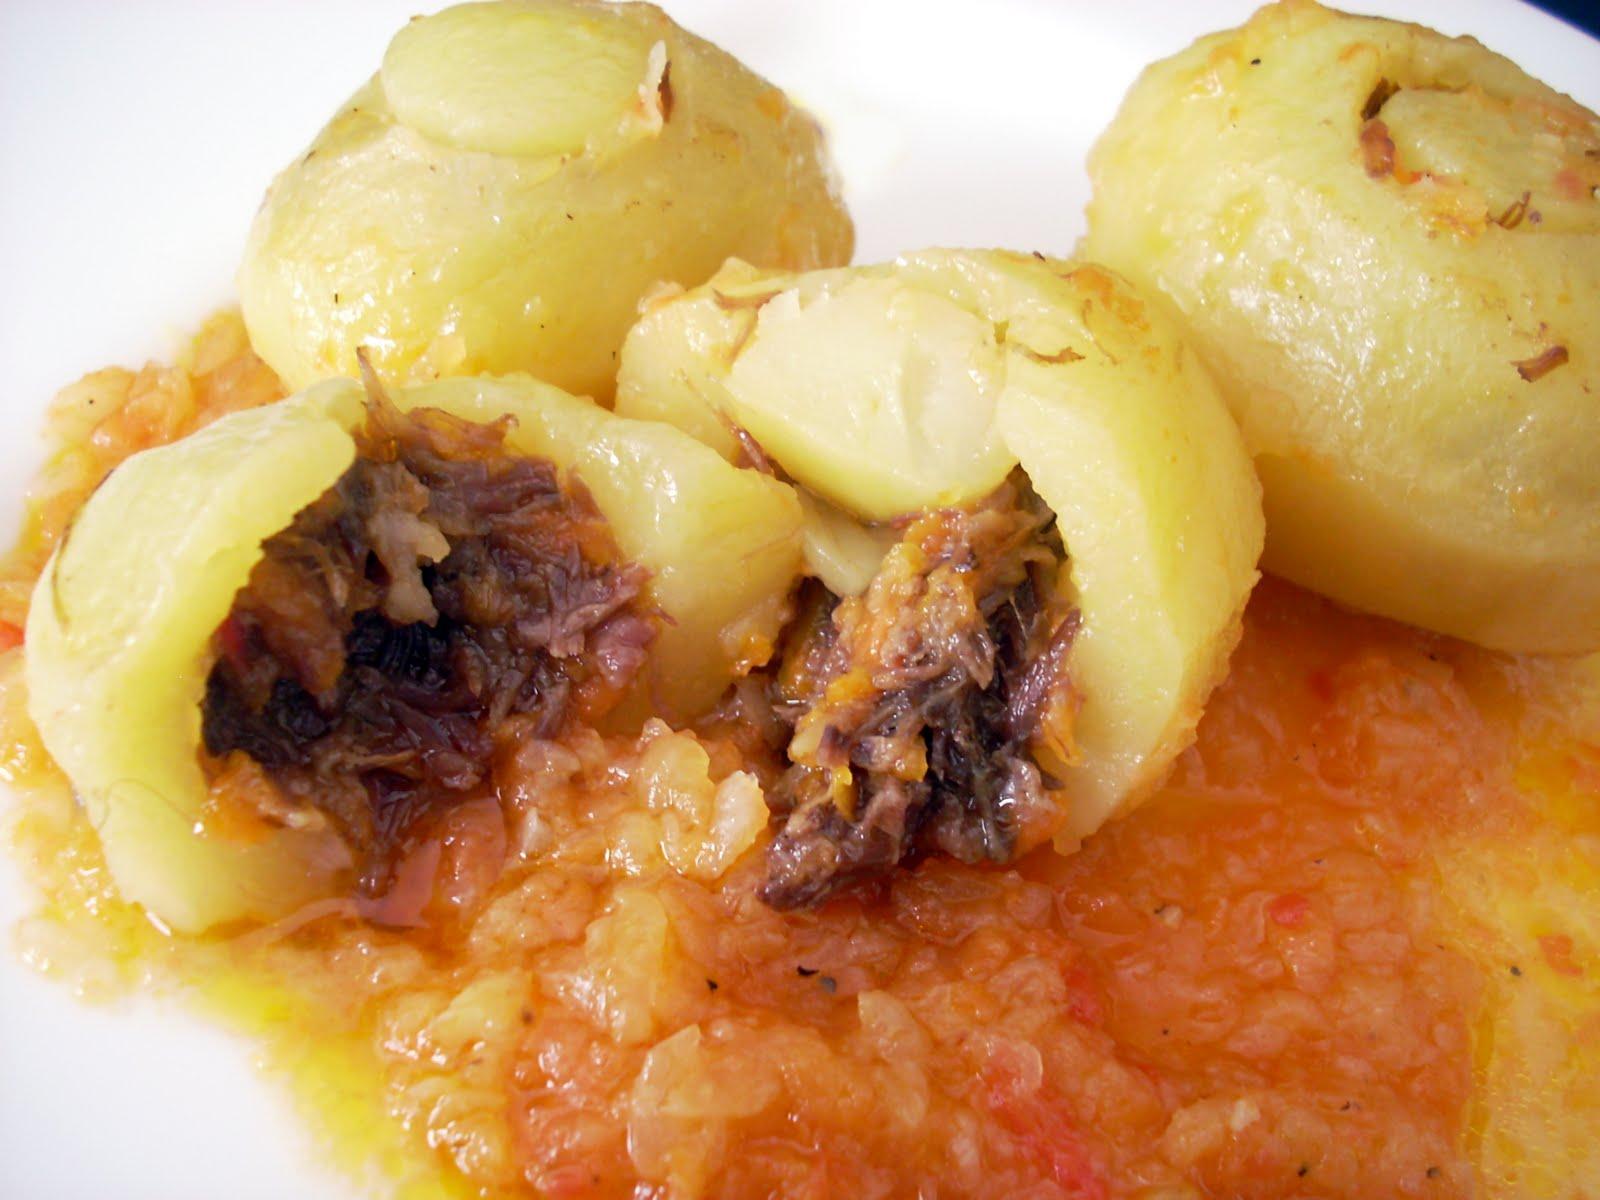 Patatas rellenas de rabo de buey en olla r pida recetines asgaya - Patatas en olla rapida ...